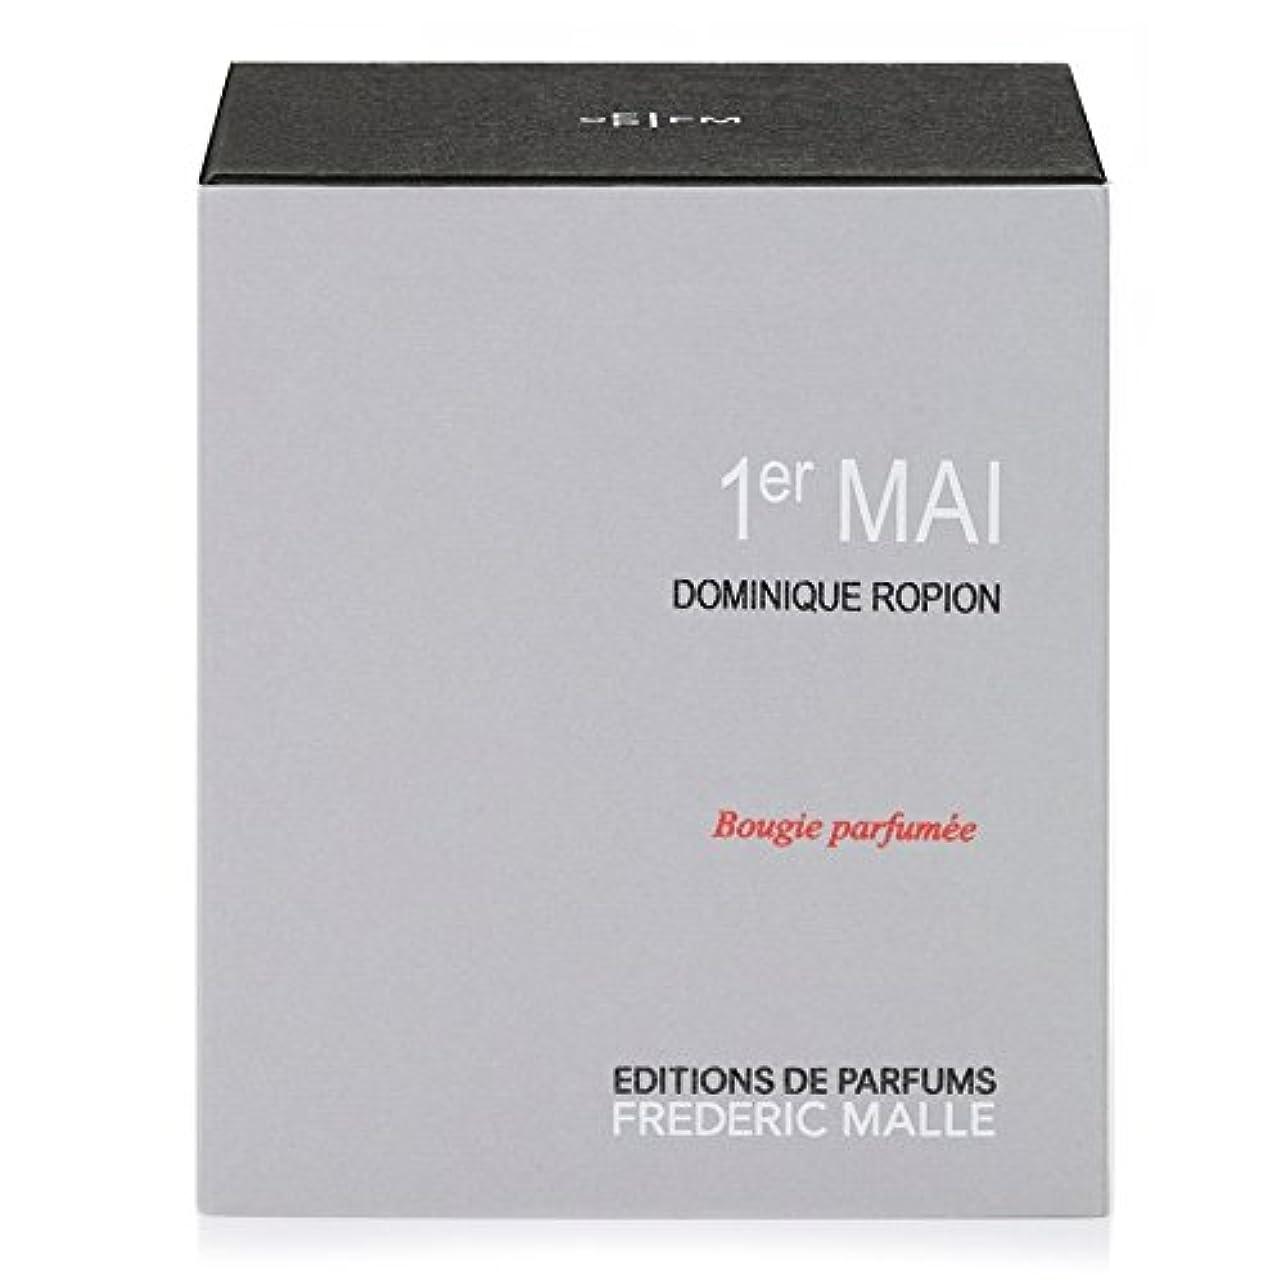 フレデリック?マルプルミエ舞香りのキャンドル220グラム x6 - Frederic Malle 1er Mai Scented Candle 220g (Pack of 6) [並行輸入品]